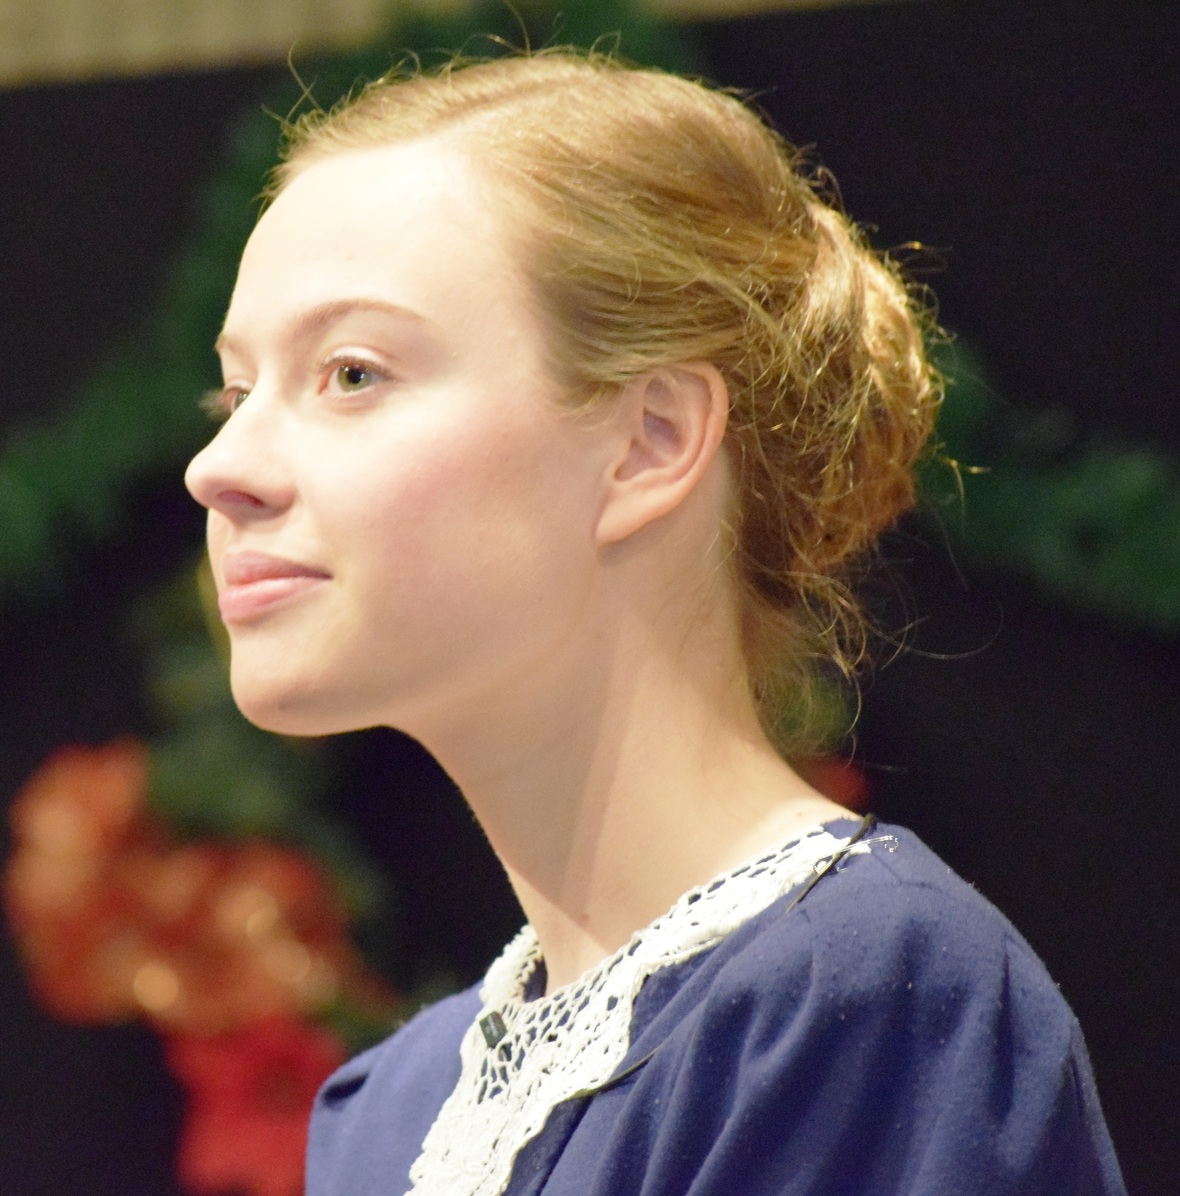 Reyna as Meg4